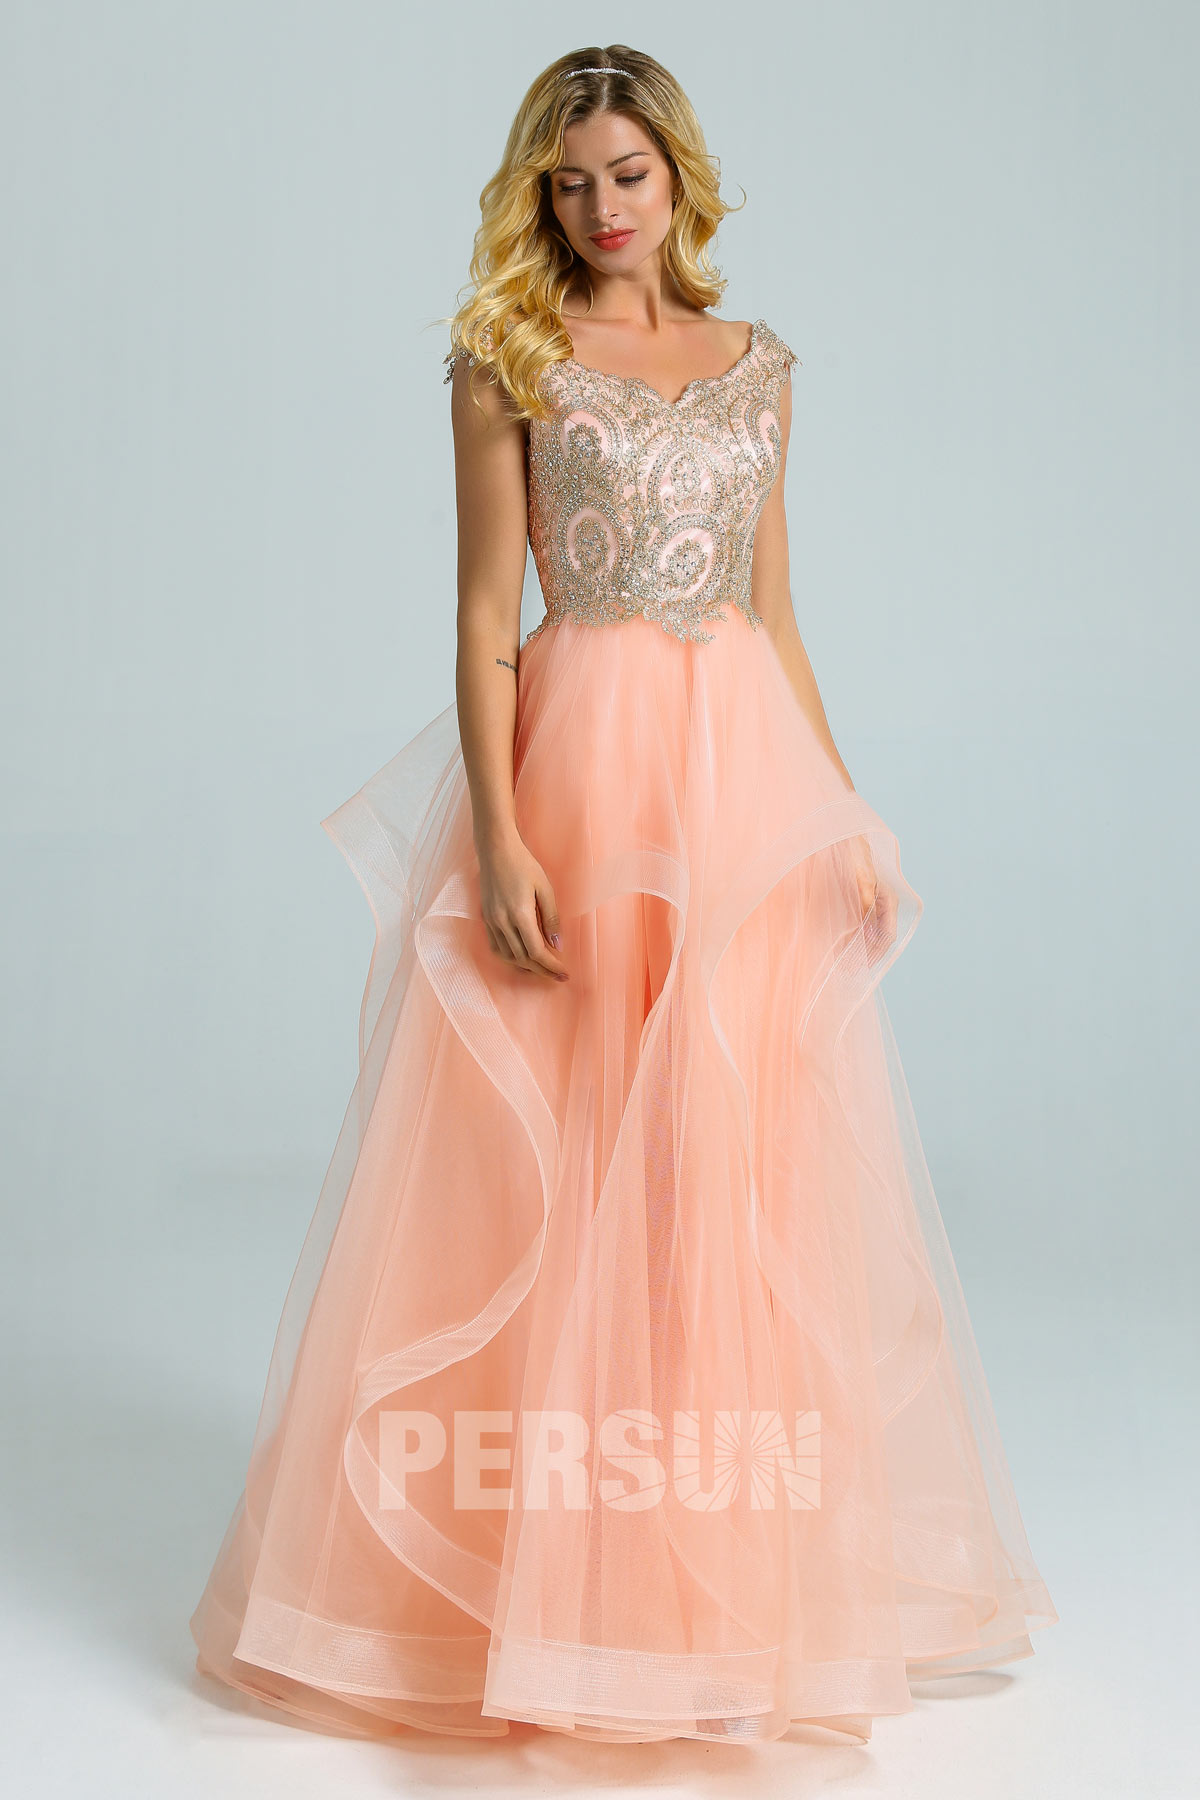 robe soirée princesse pêche clair haut brodé de bijoux à jupe volantée